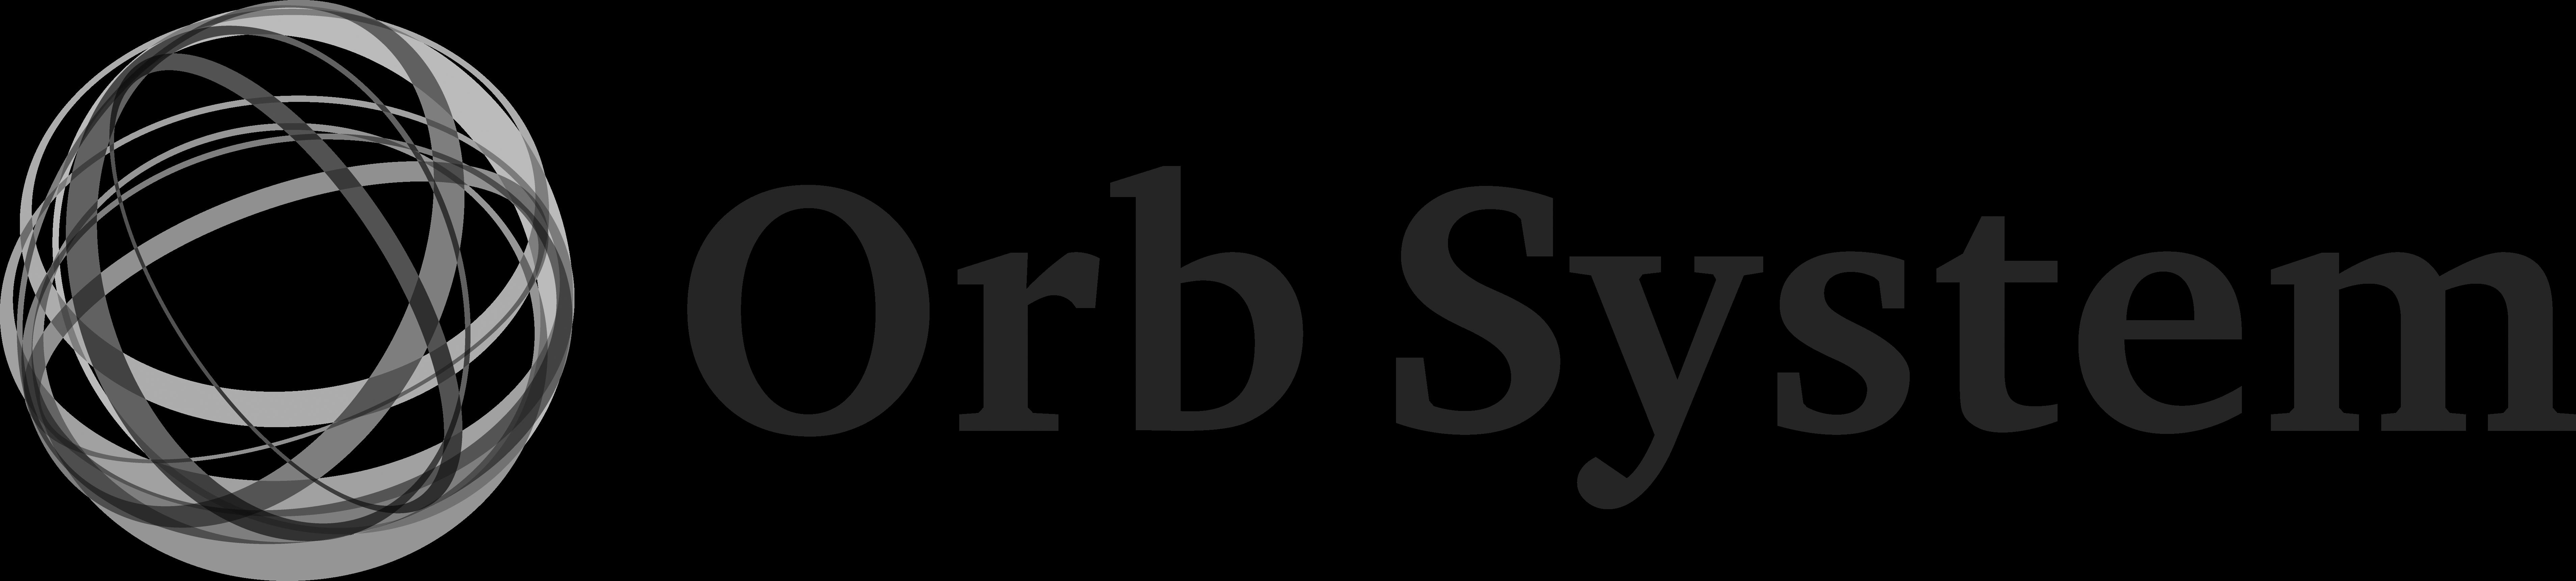 OrbSystem